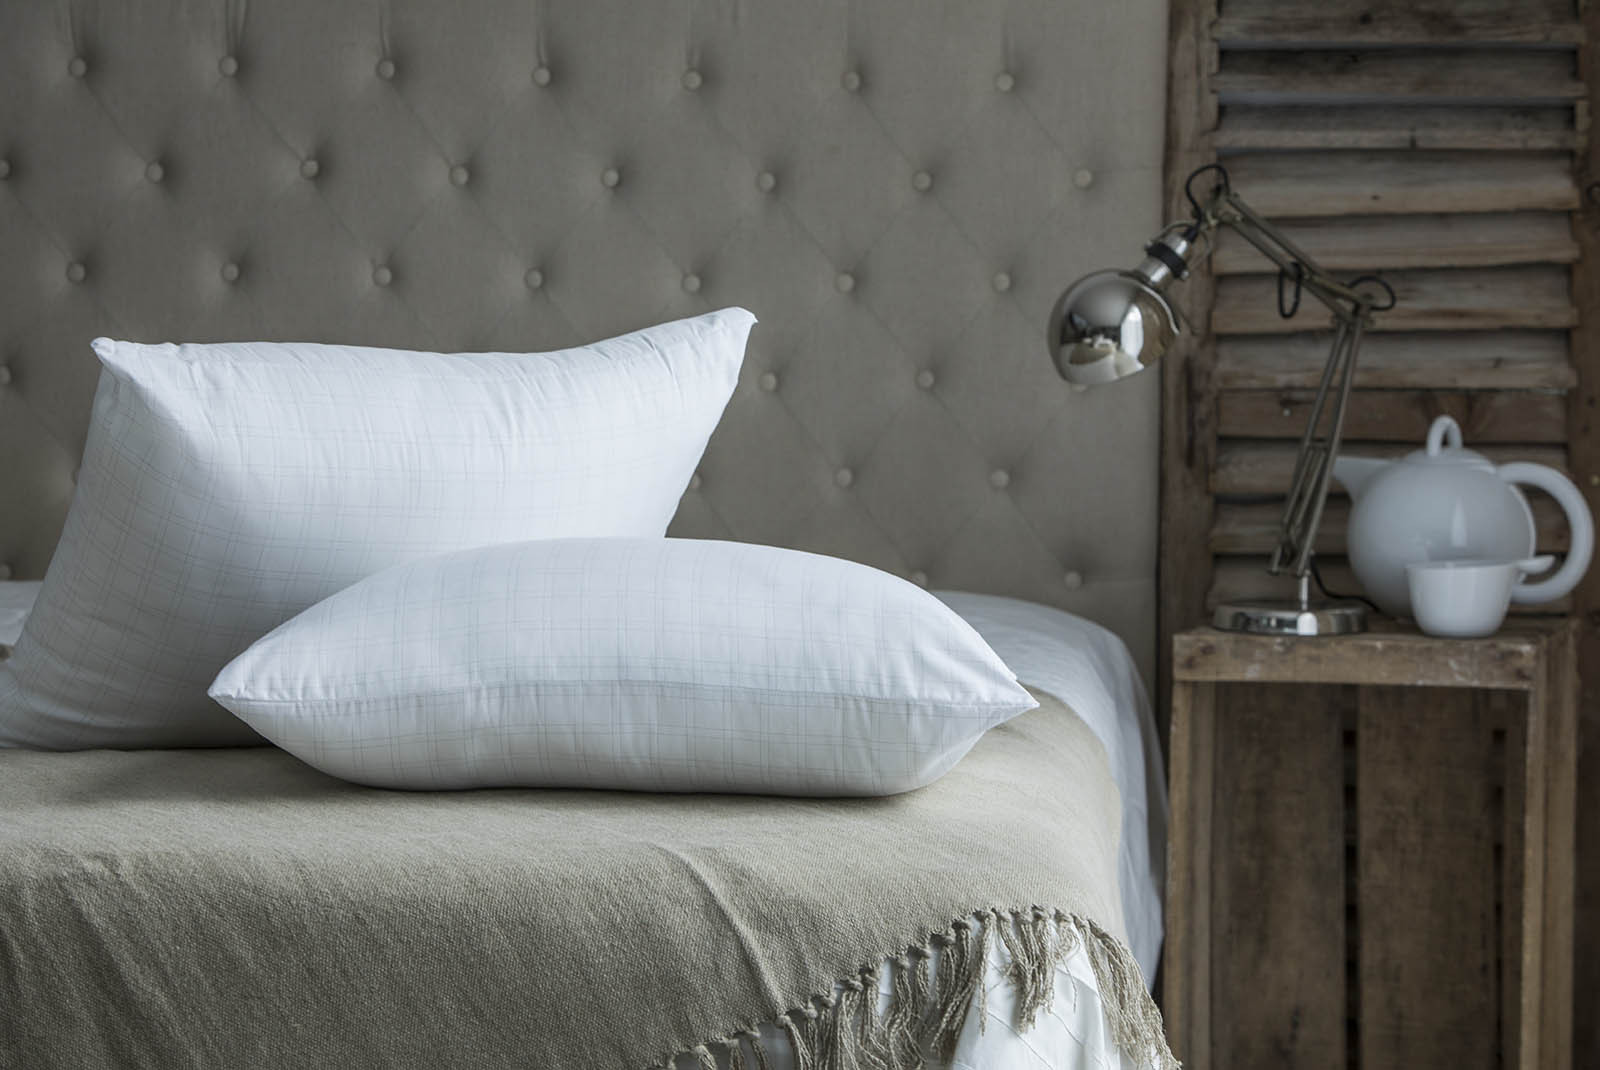 Oreiller à mémoire de forme : Un oreiller à utiliser ?